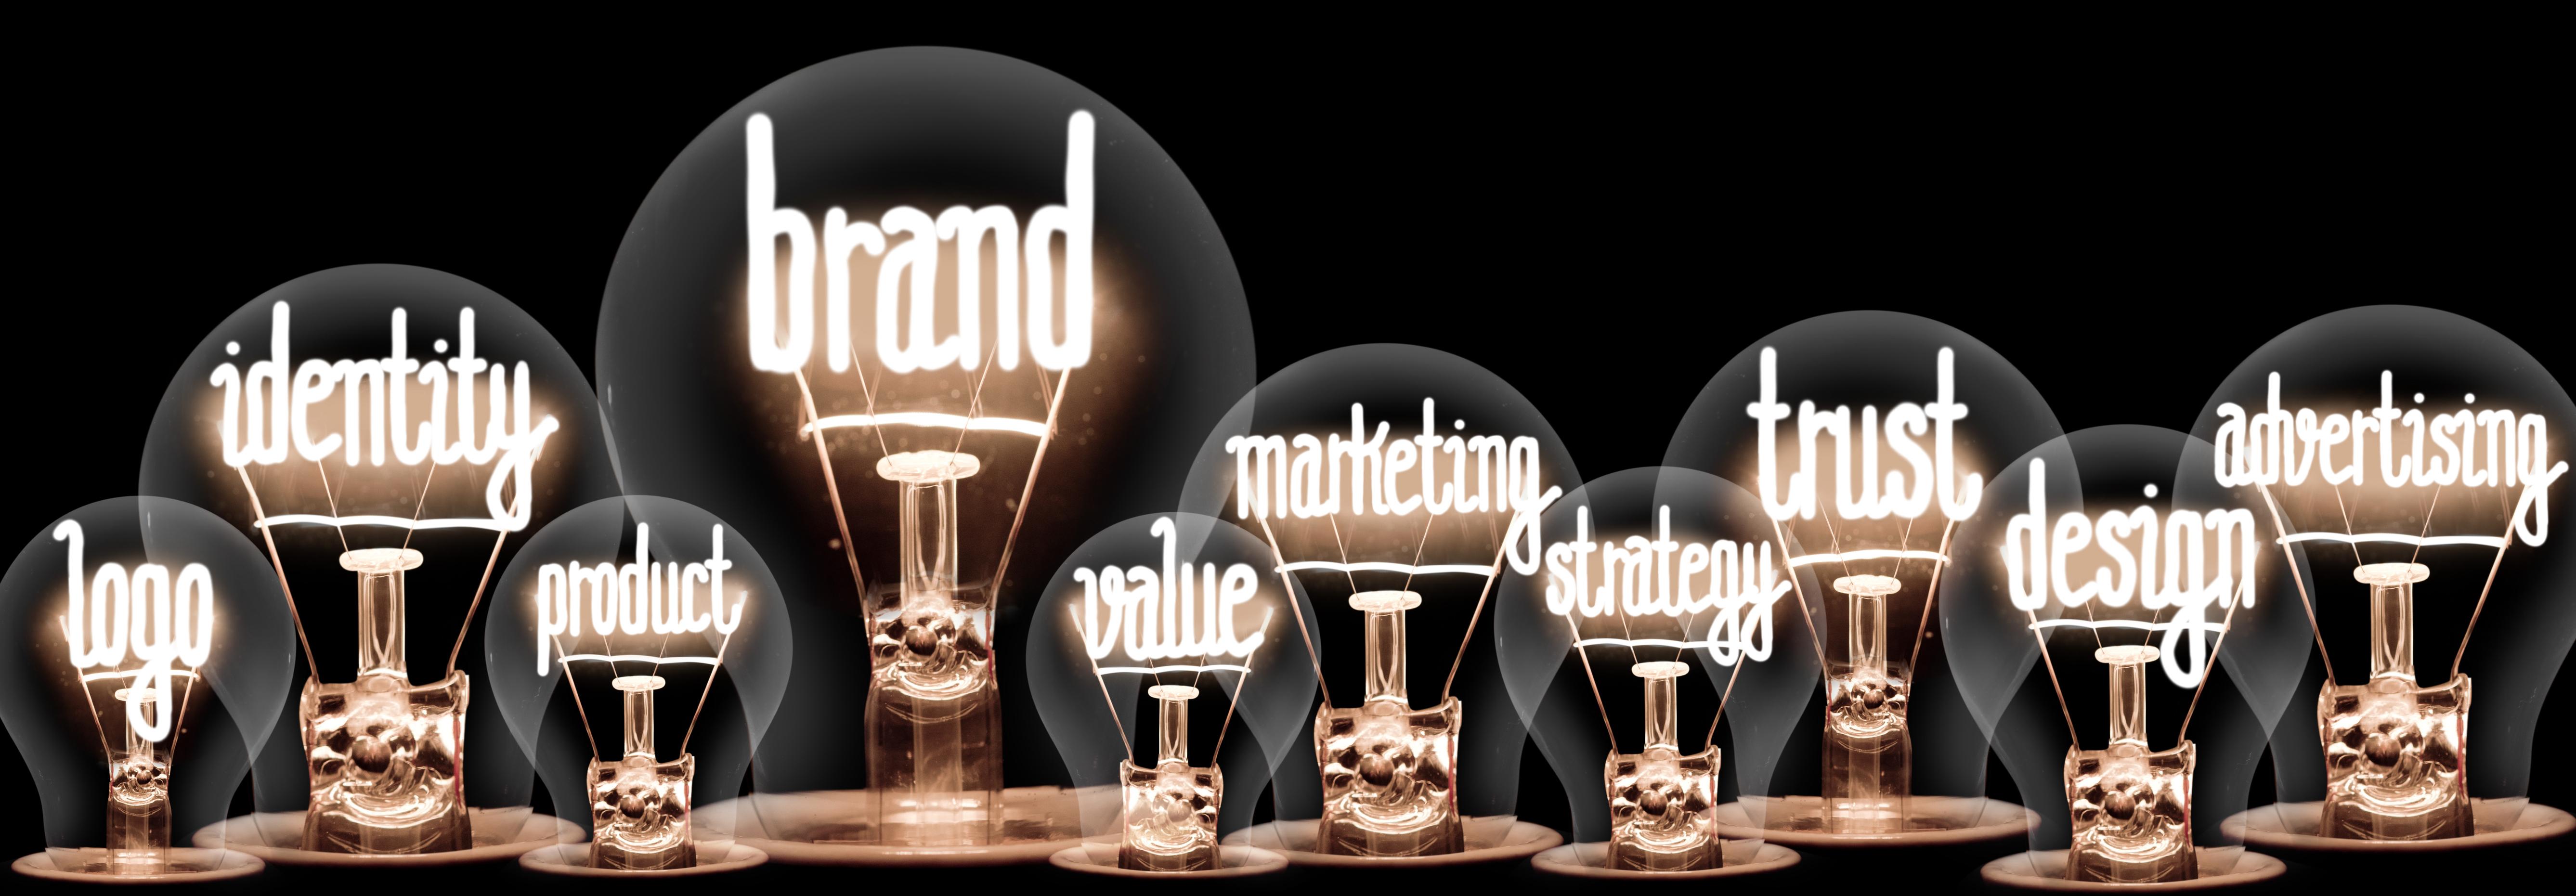 Branding and brand promise words as lightbulbs